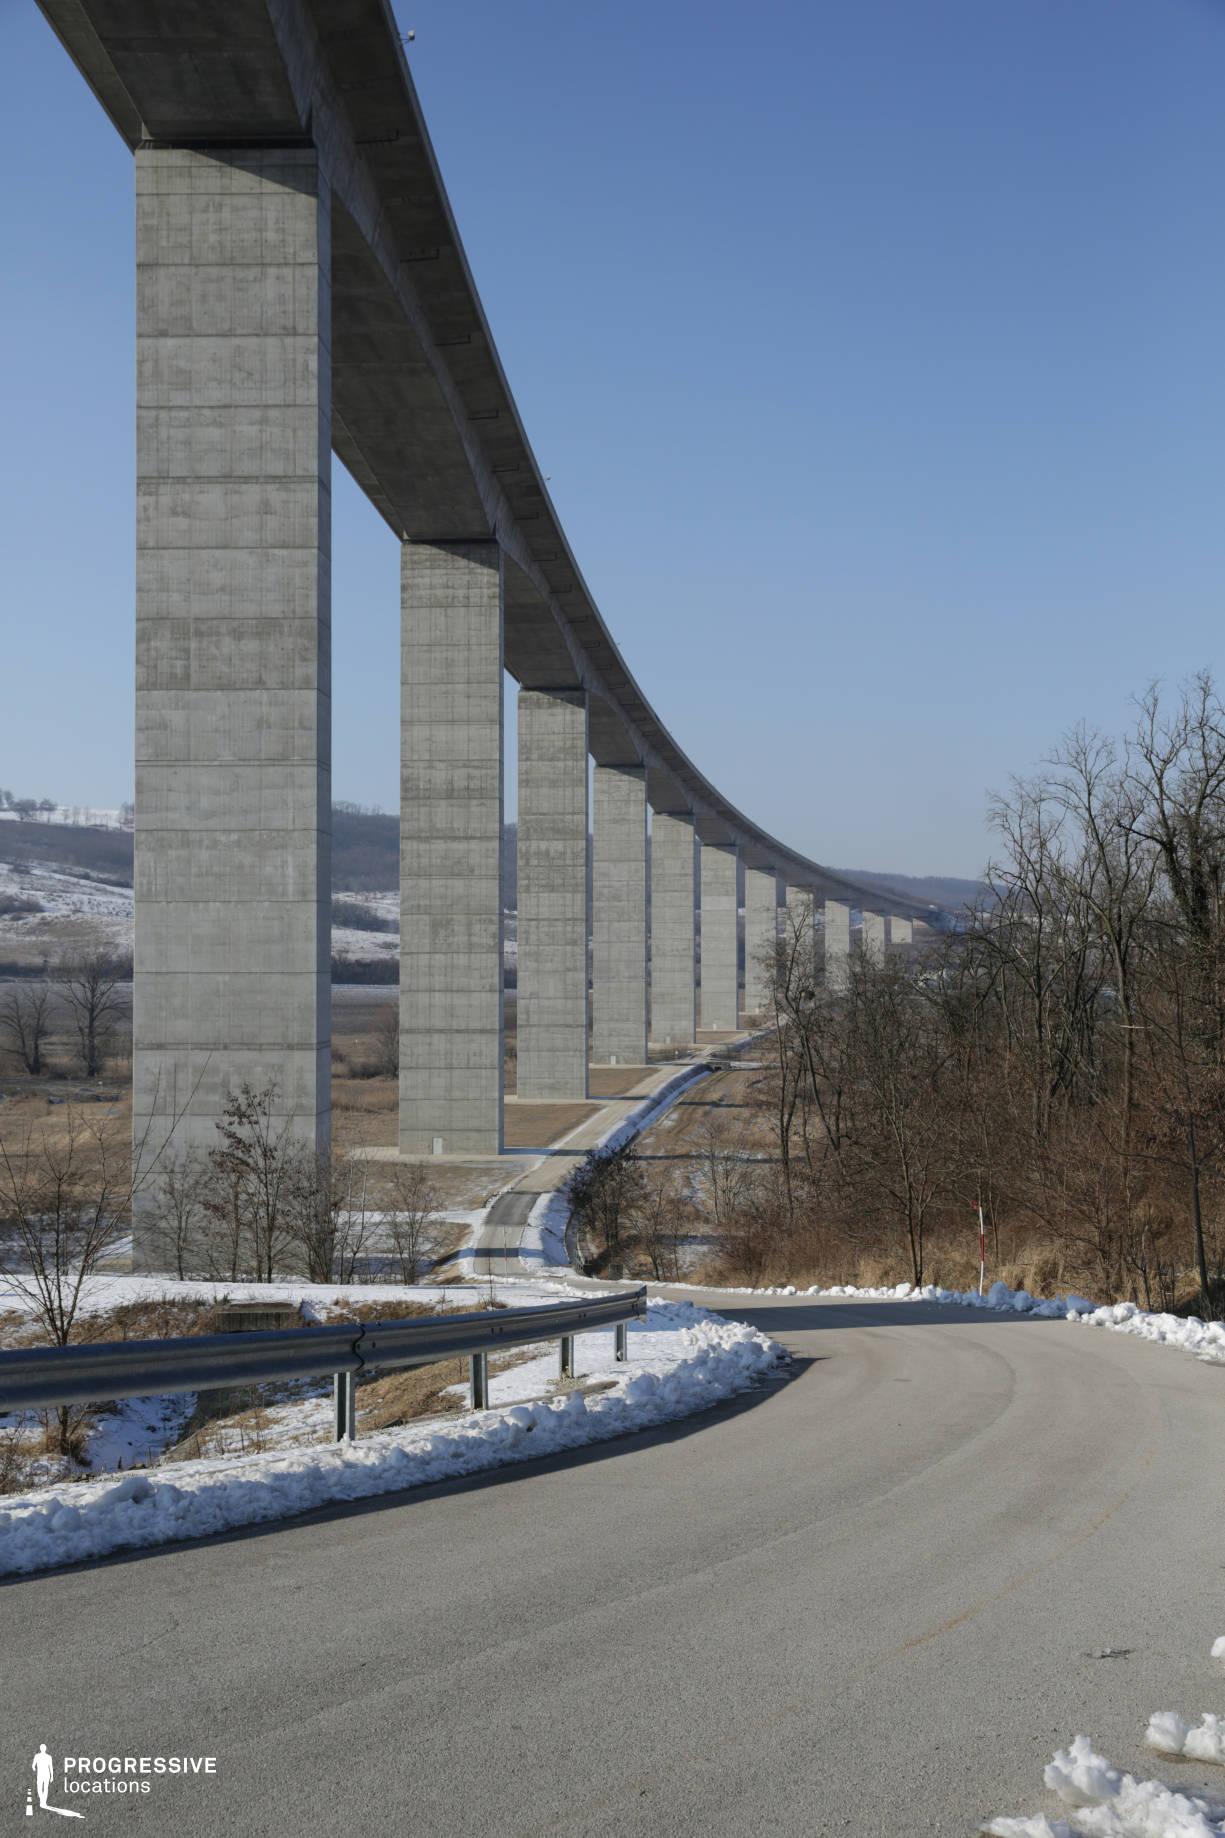 Locations in Hungary: Road below Viaduct, Koroshegy